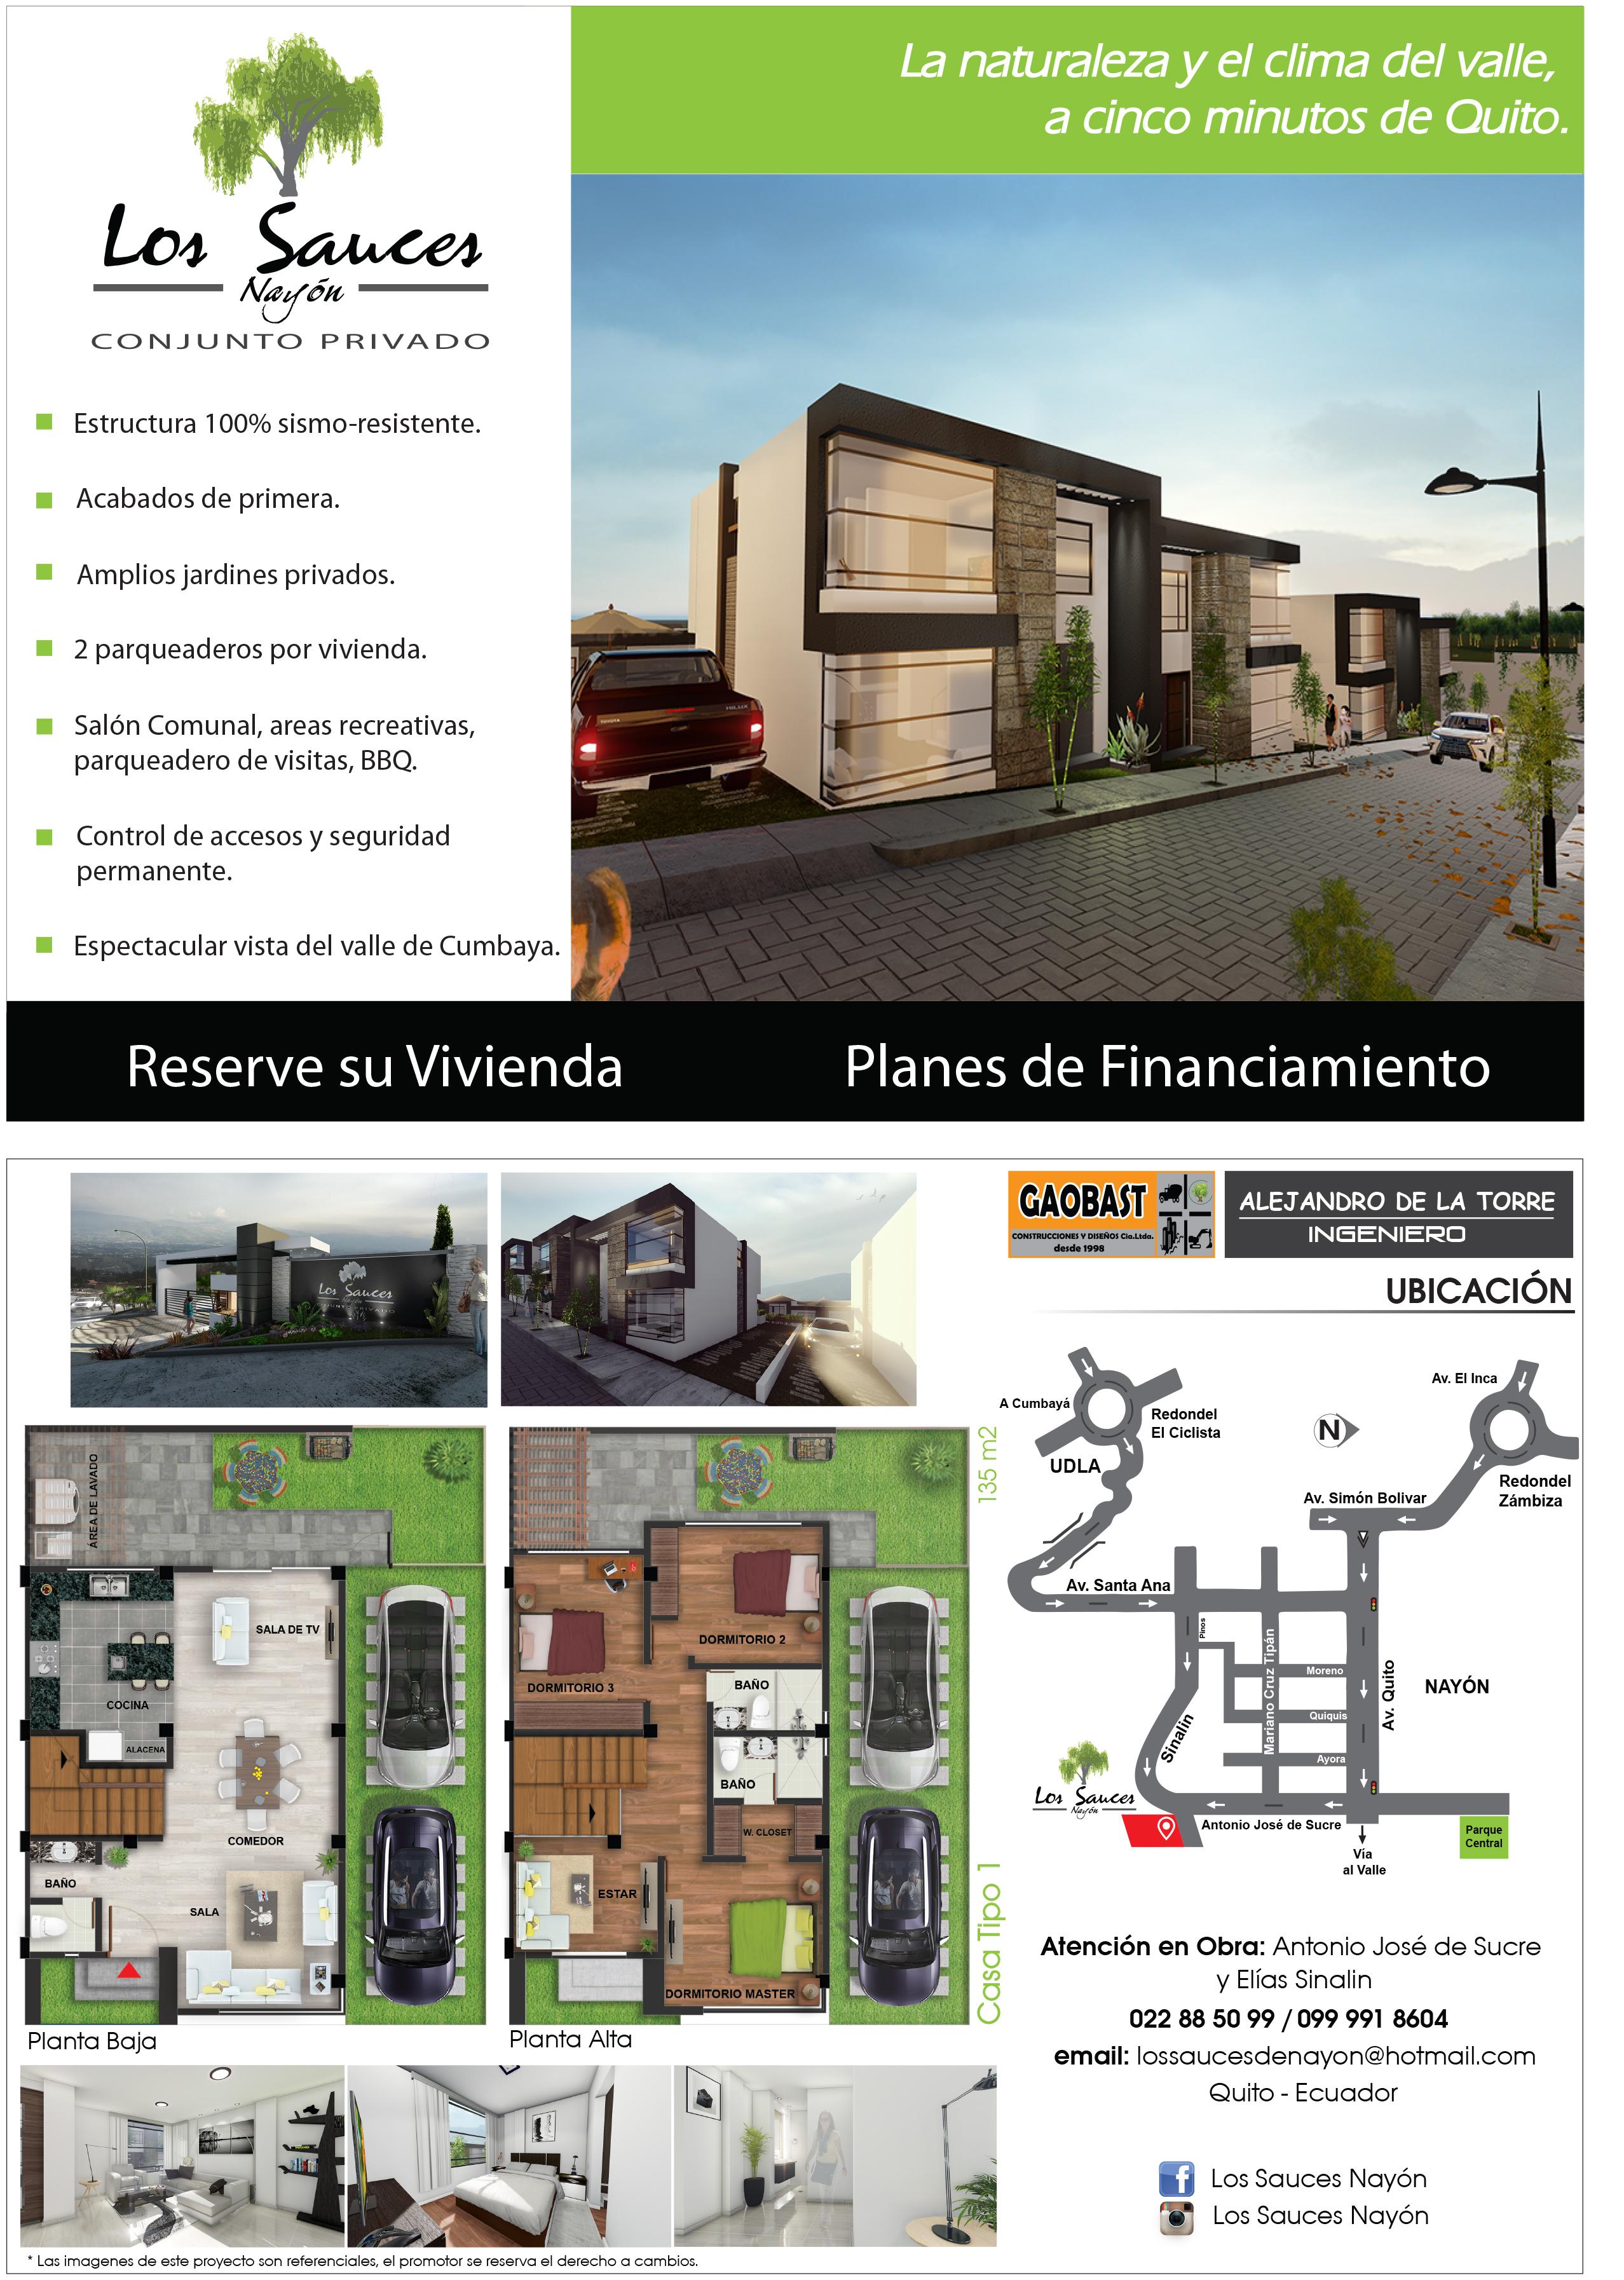 Conjunto habitacional los sauces ferreteria las palmas proyectos construcciones clientes - Materiales de construccion las palmas ...